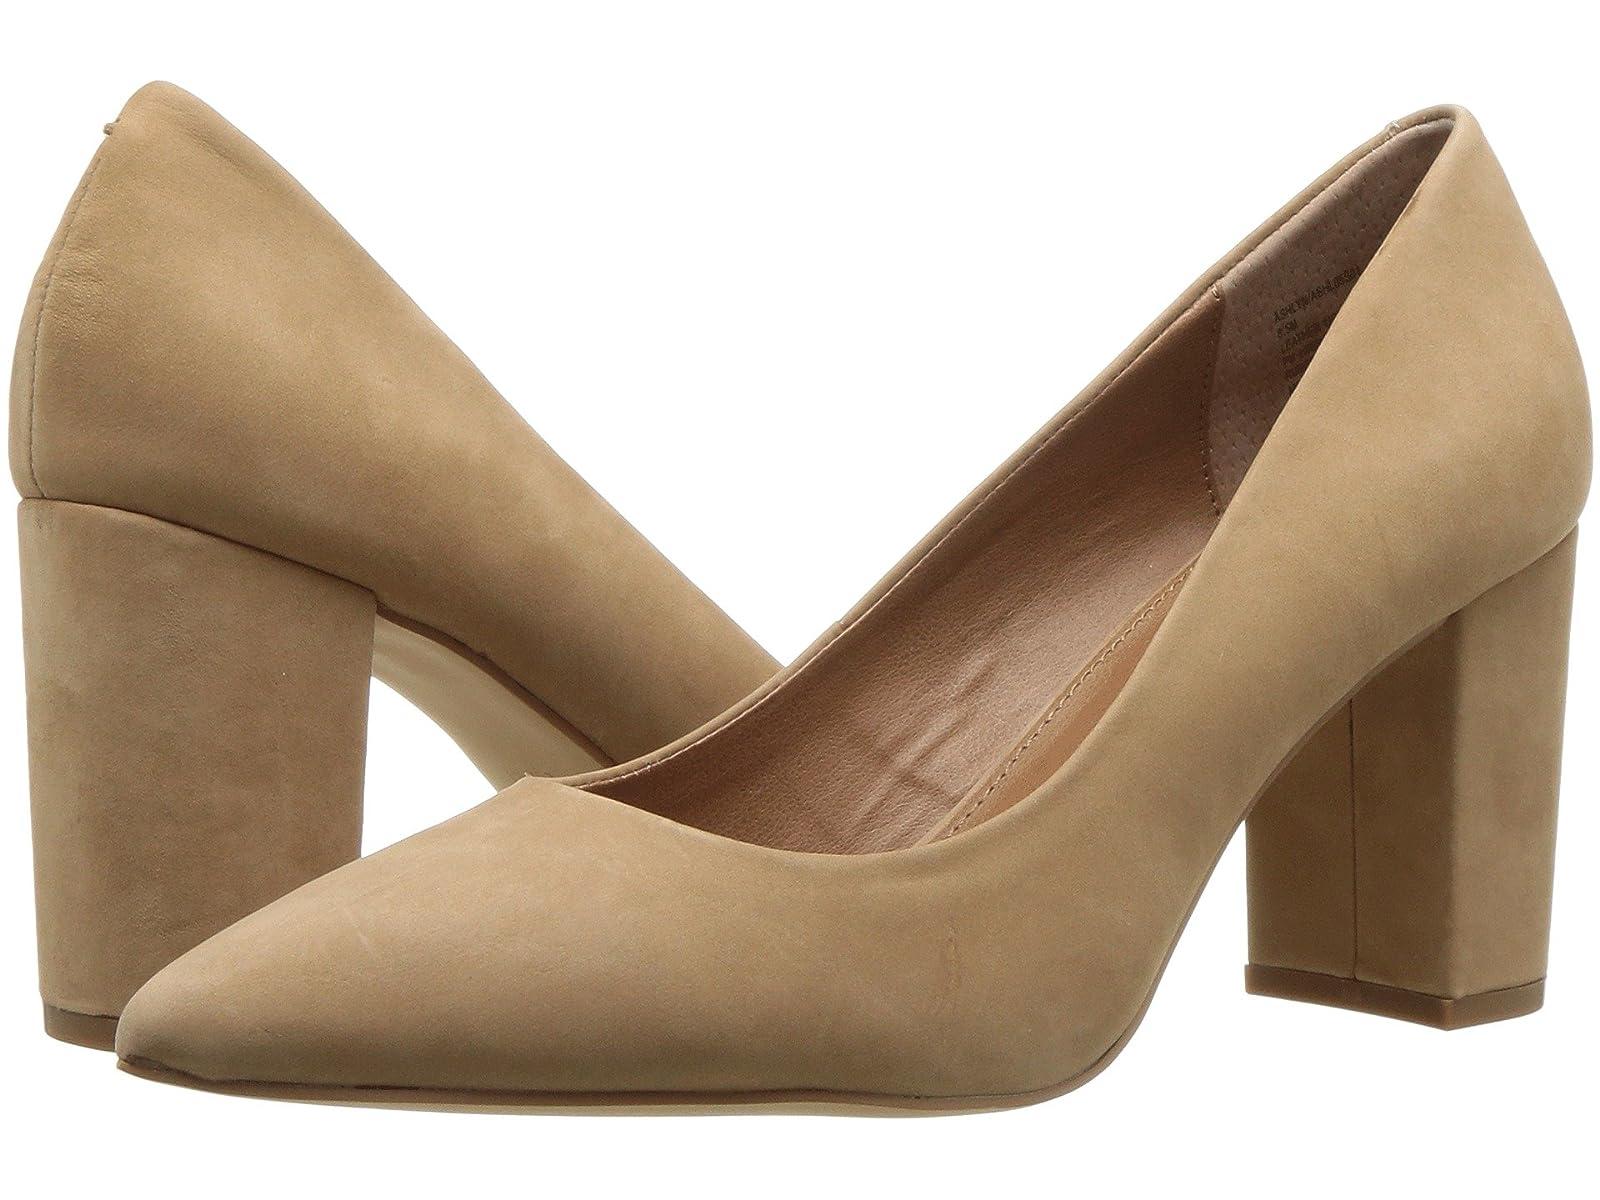 Steve Madden Exclusive - AshlynAtmospheric grades have affordable shoes